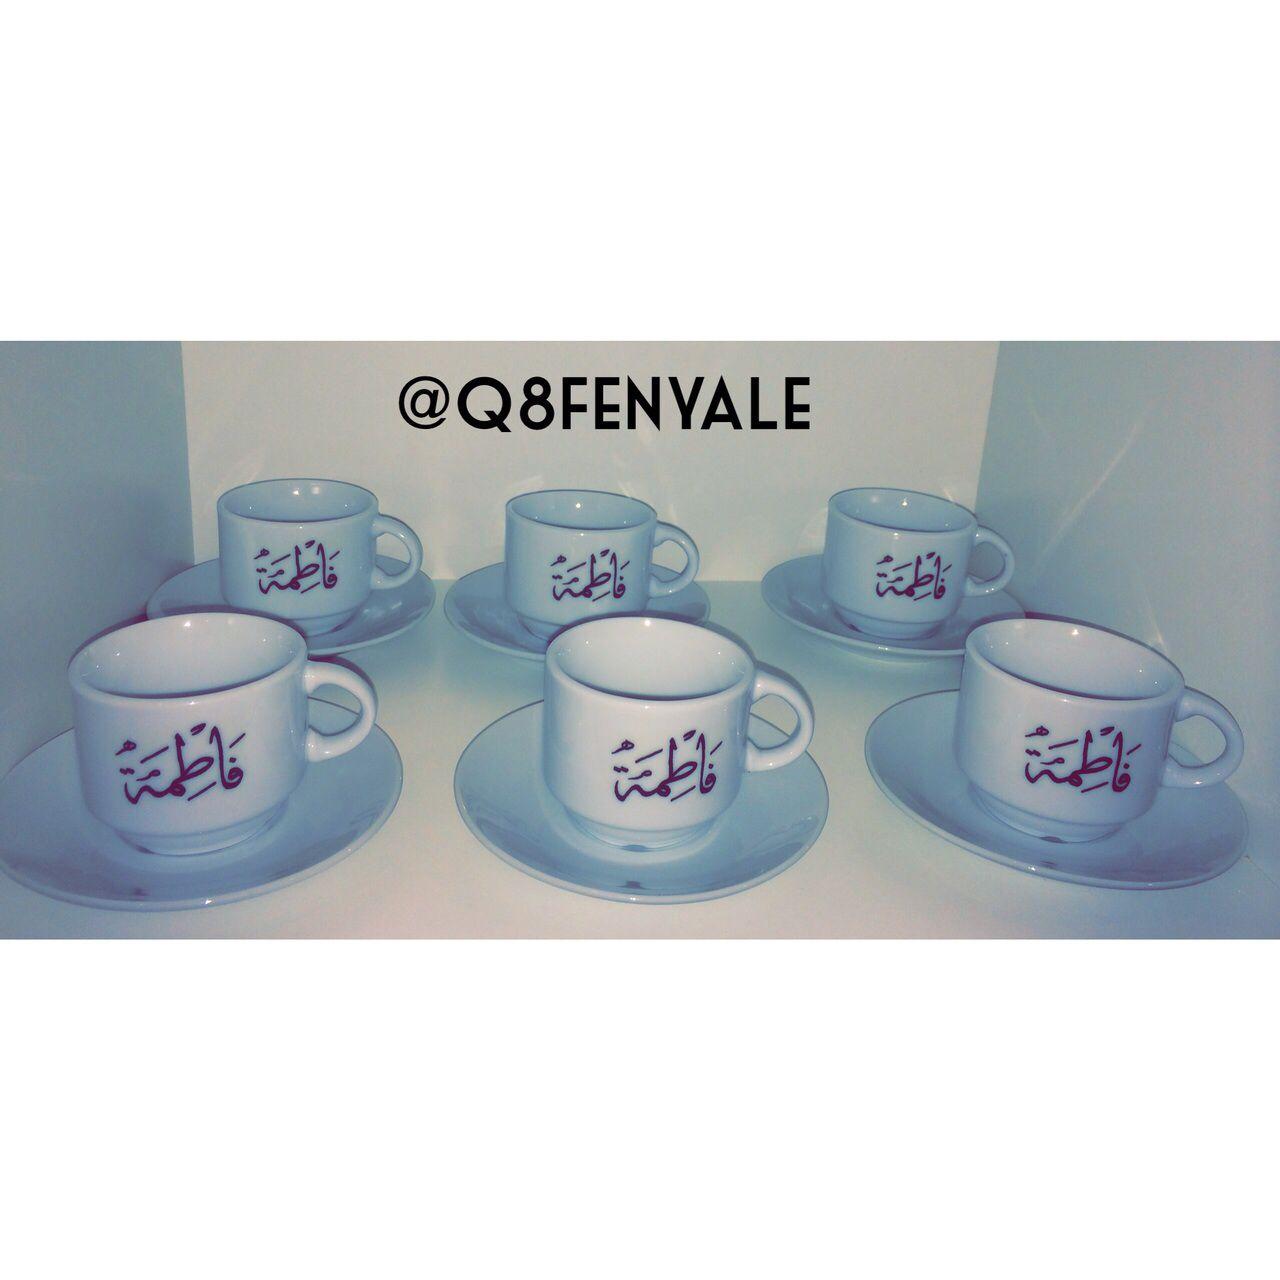 متجر فنيالي هو مشروع كويتي للطباعه الحراريه على الاواني المنزليه والكتابه على المباخر الخشب صورة فناجين قهوه تركية تم ط Glassware Mugs Tableware